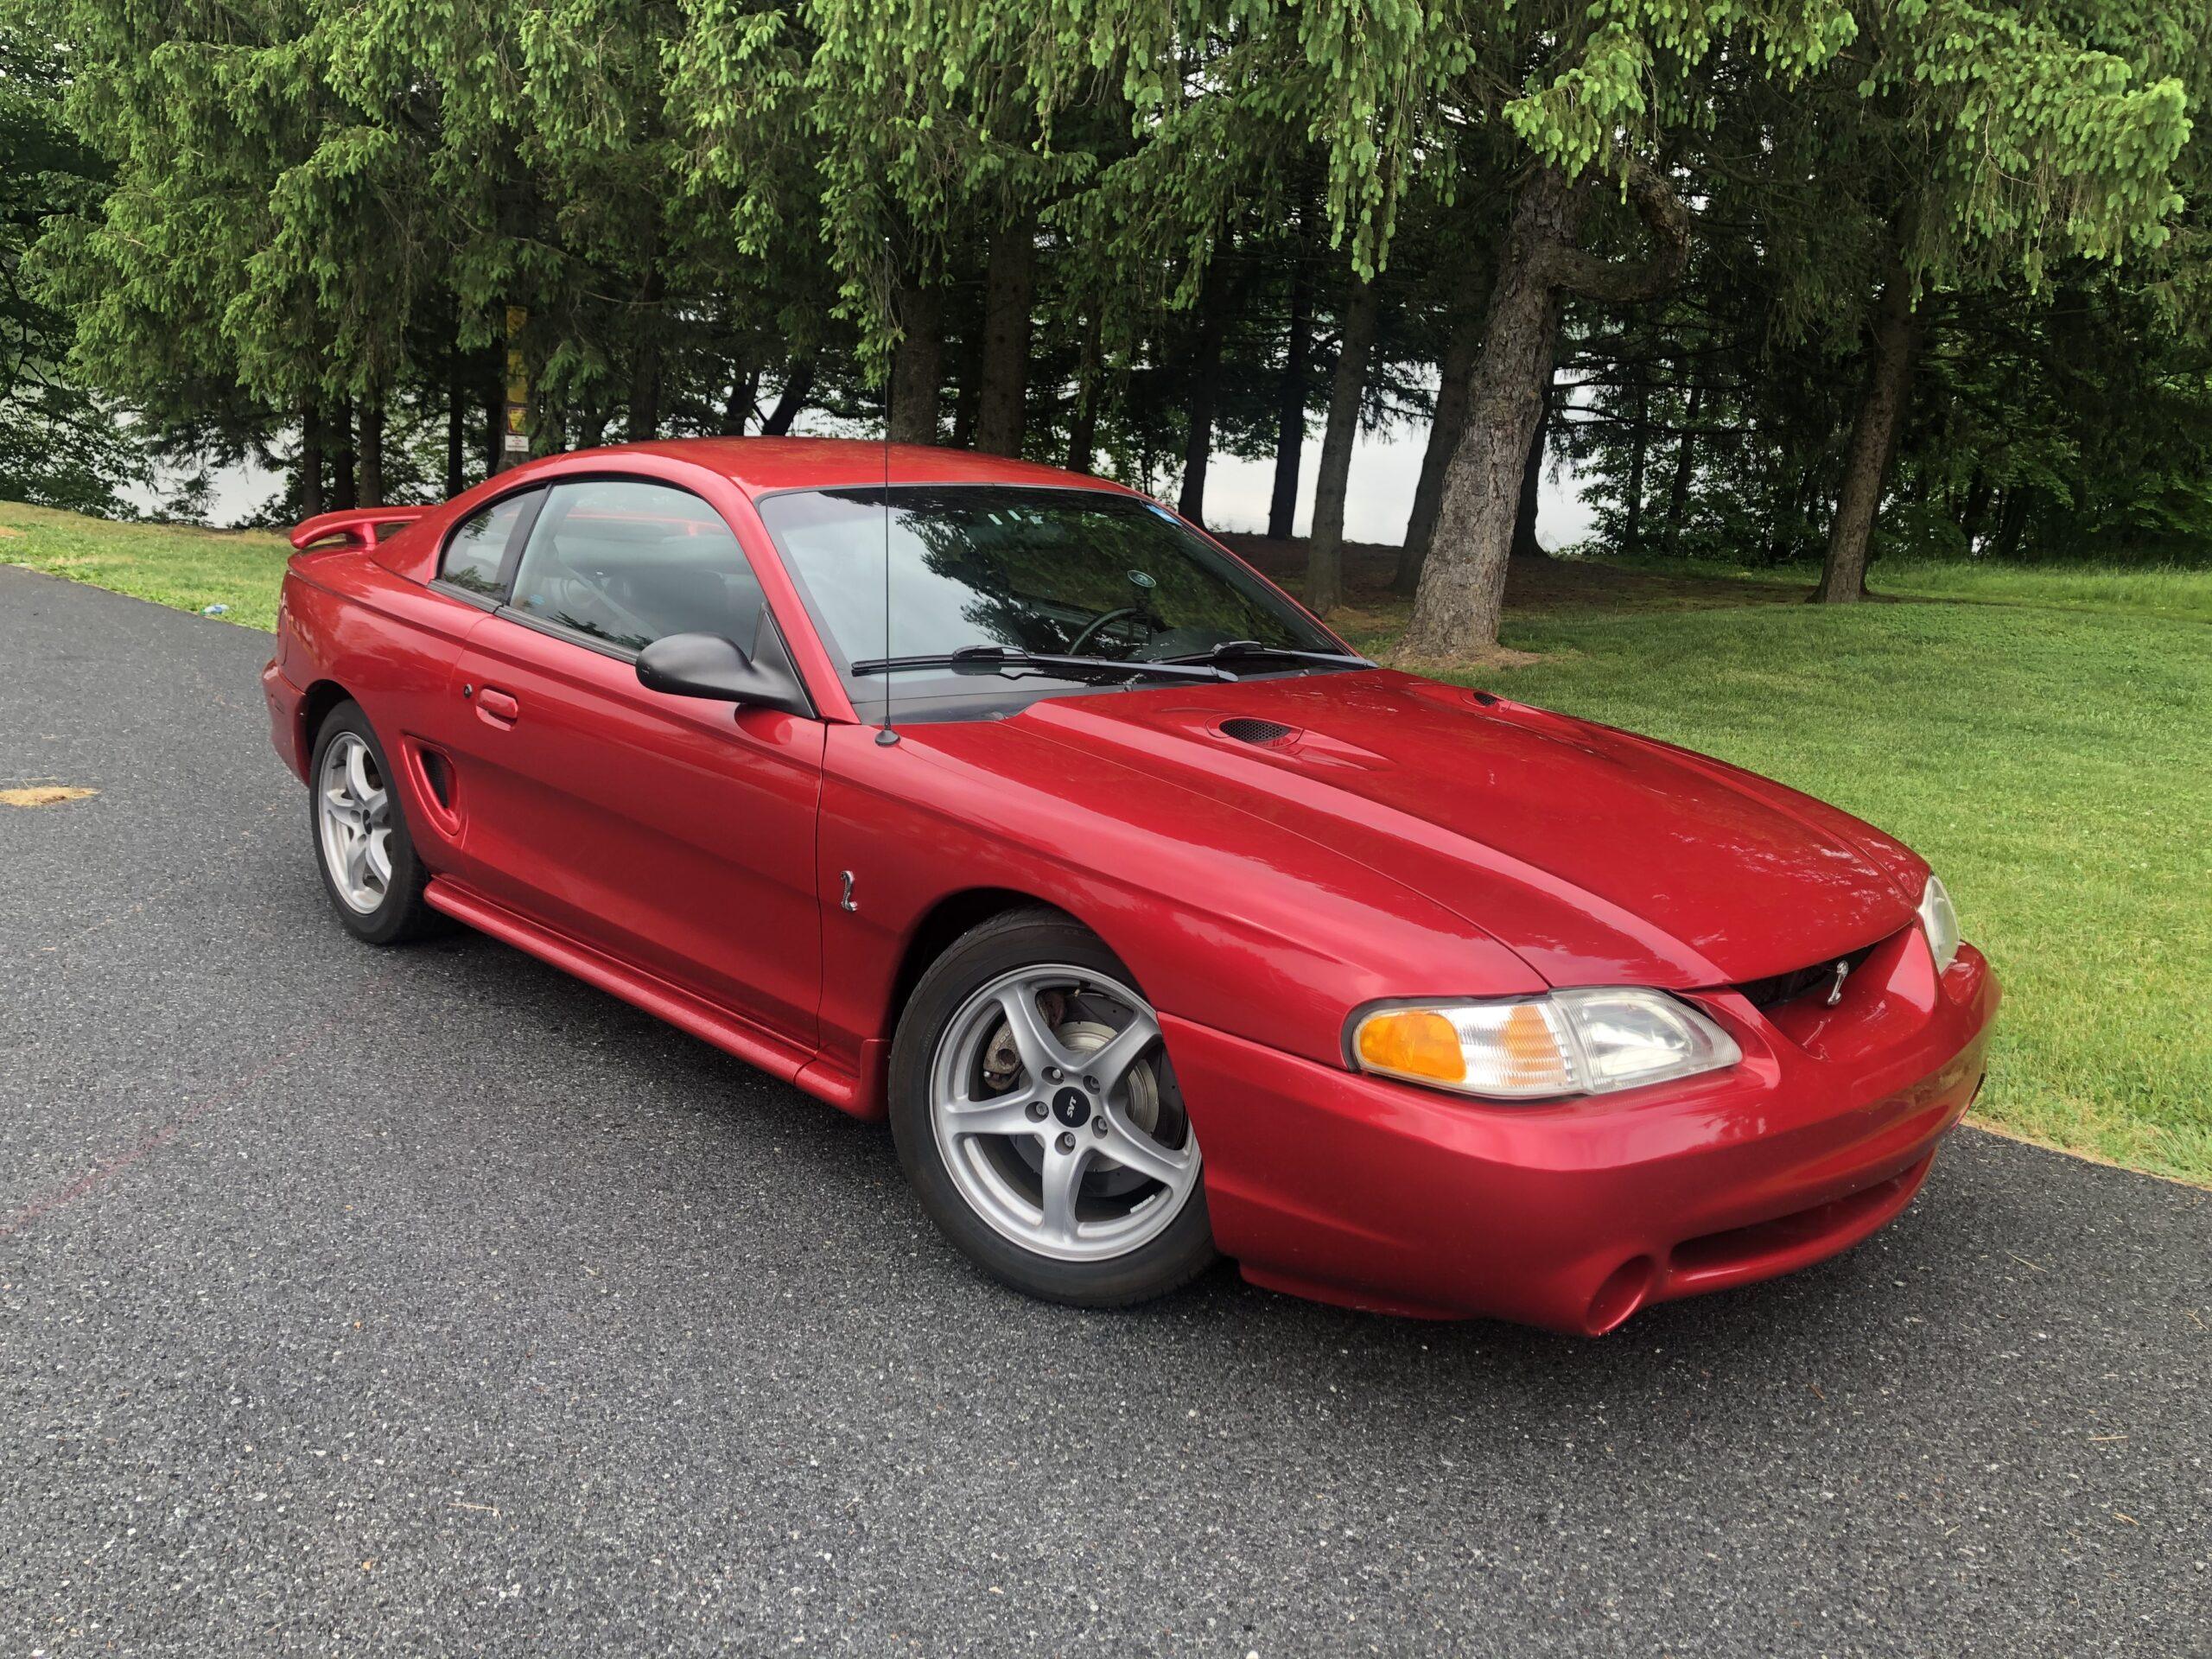 Matthew Parrett - Blandon, PA - 1998 Ford Mustang SVT Cobra